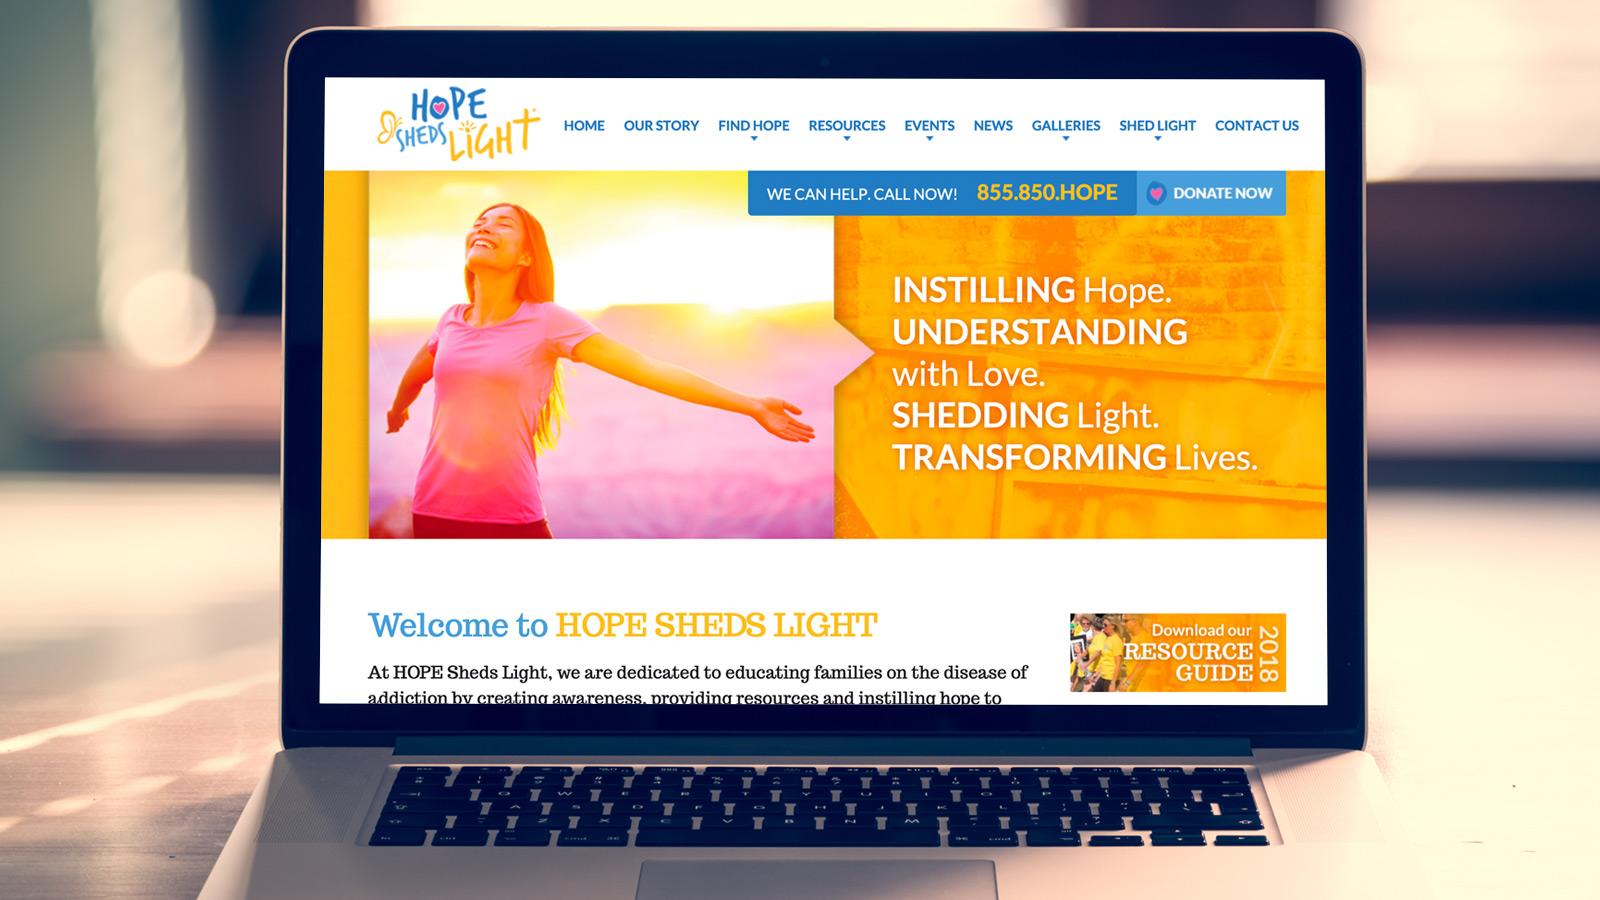 Web Site Design & Development